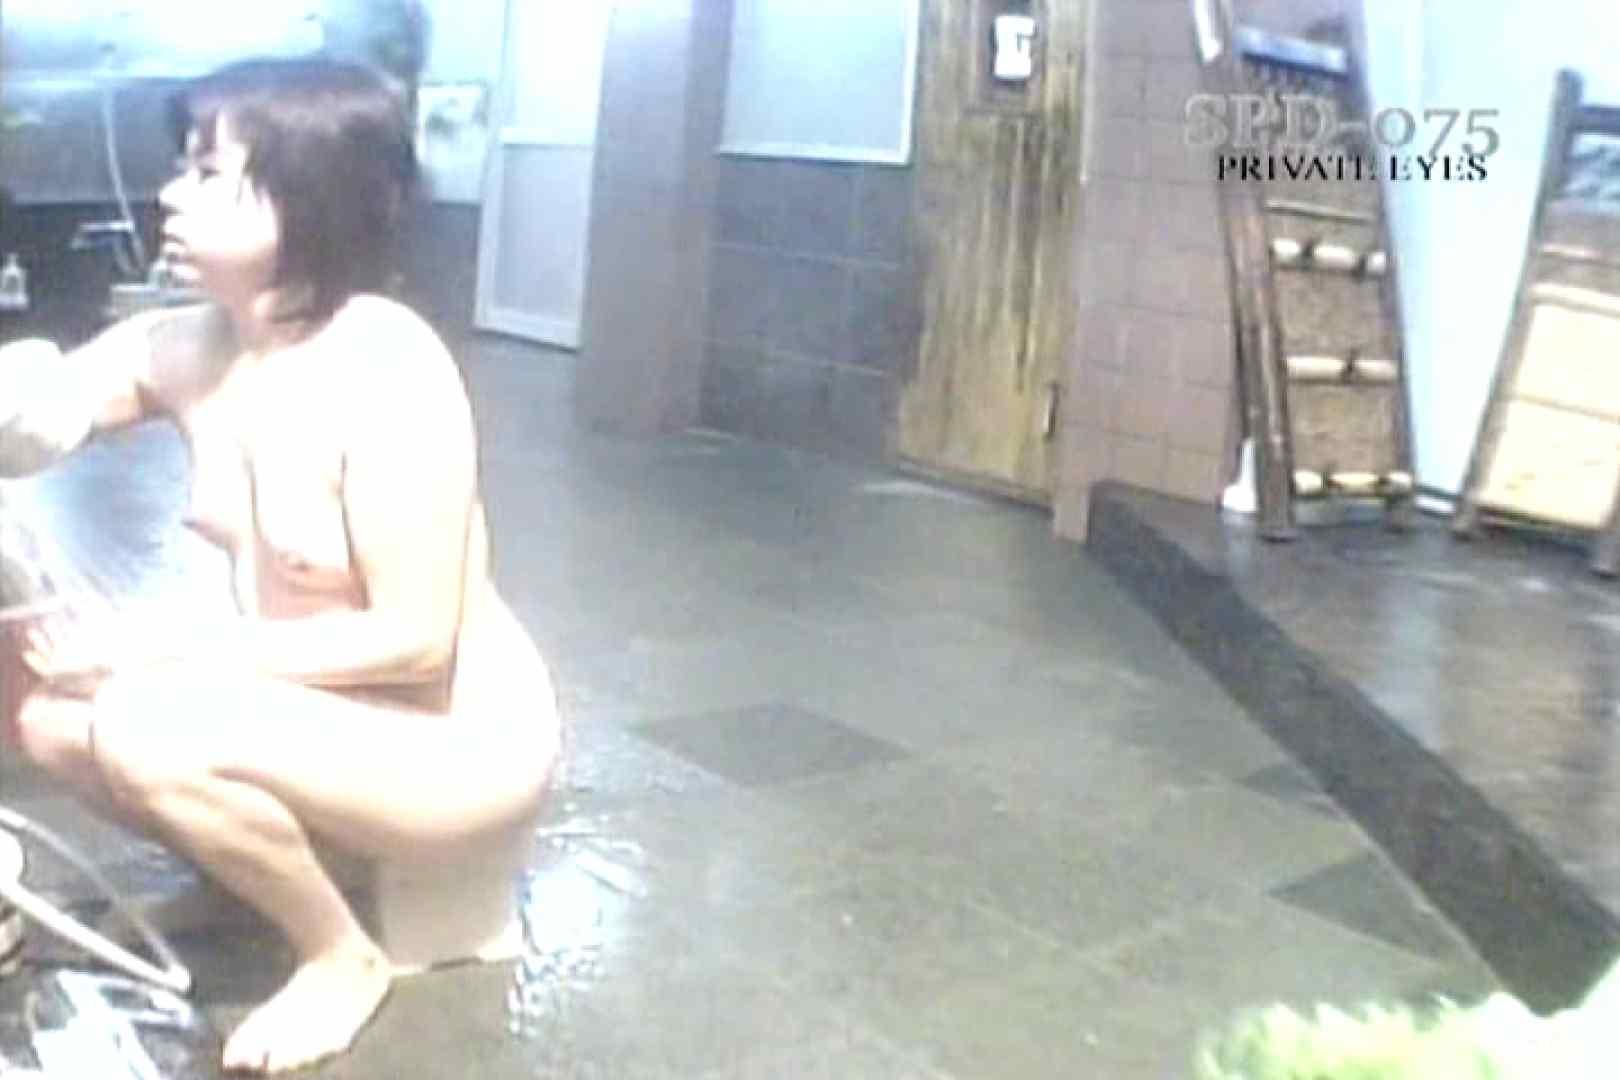 高画質版!SPD-075 脱衣所から洗面所まで 9カメ追跡盗撮 追跡 われめAV動画紹介 110枚 76